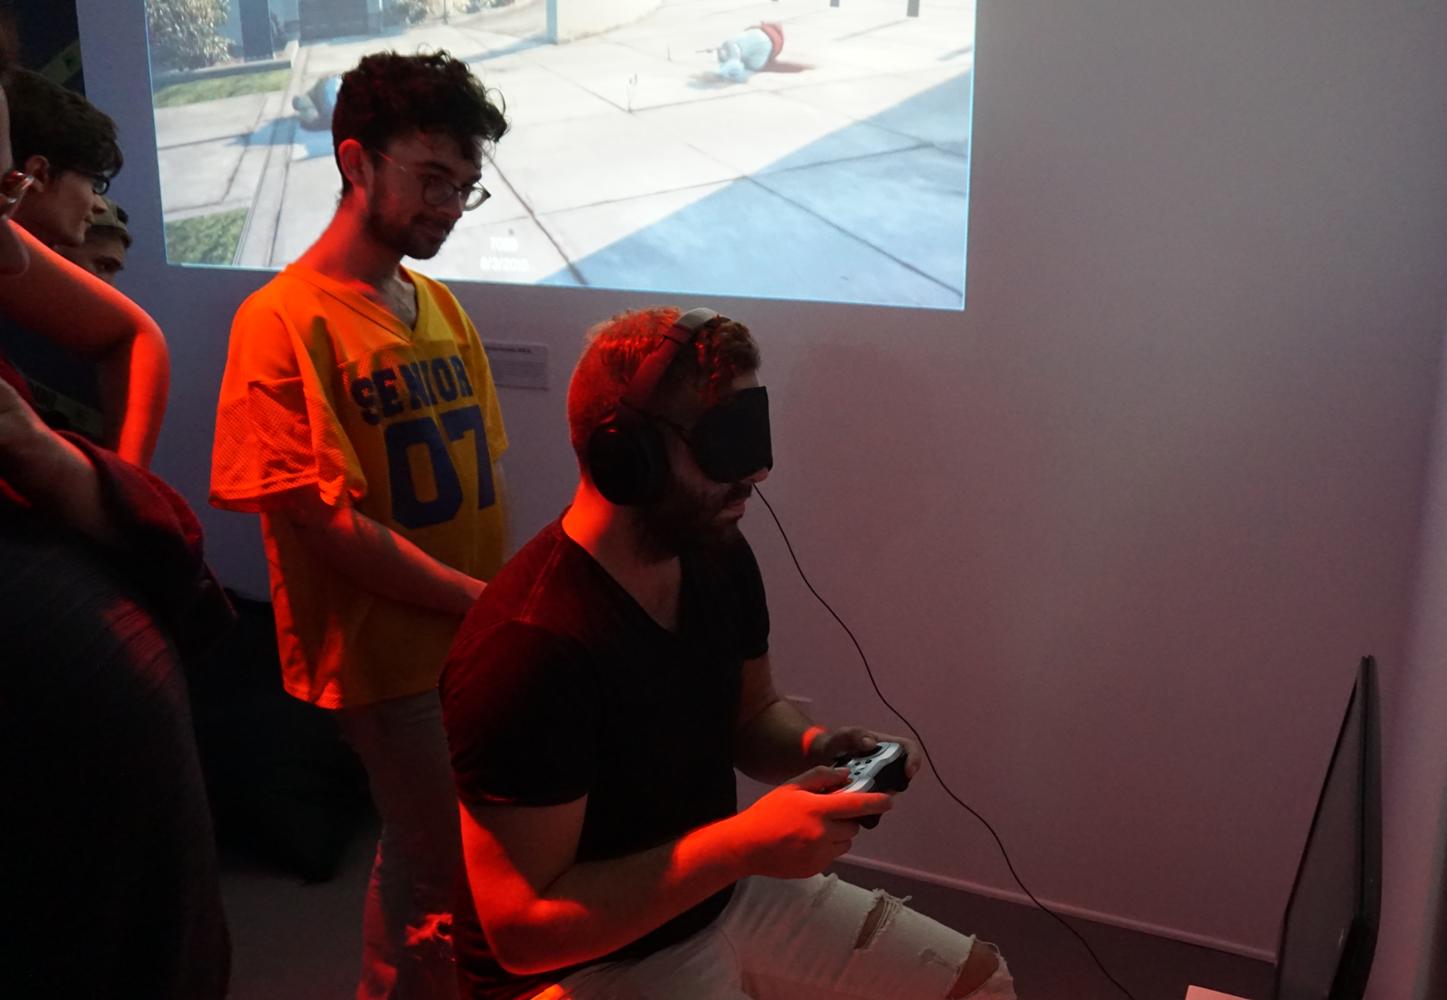 שחקנים מנסים את המשחק בלי להסתכל. צילום: יח״צ